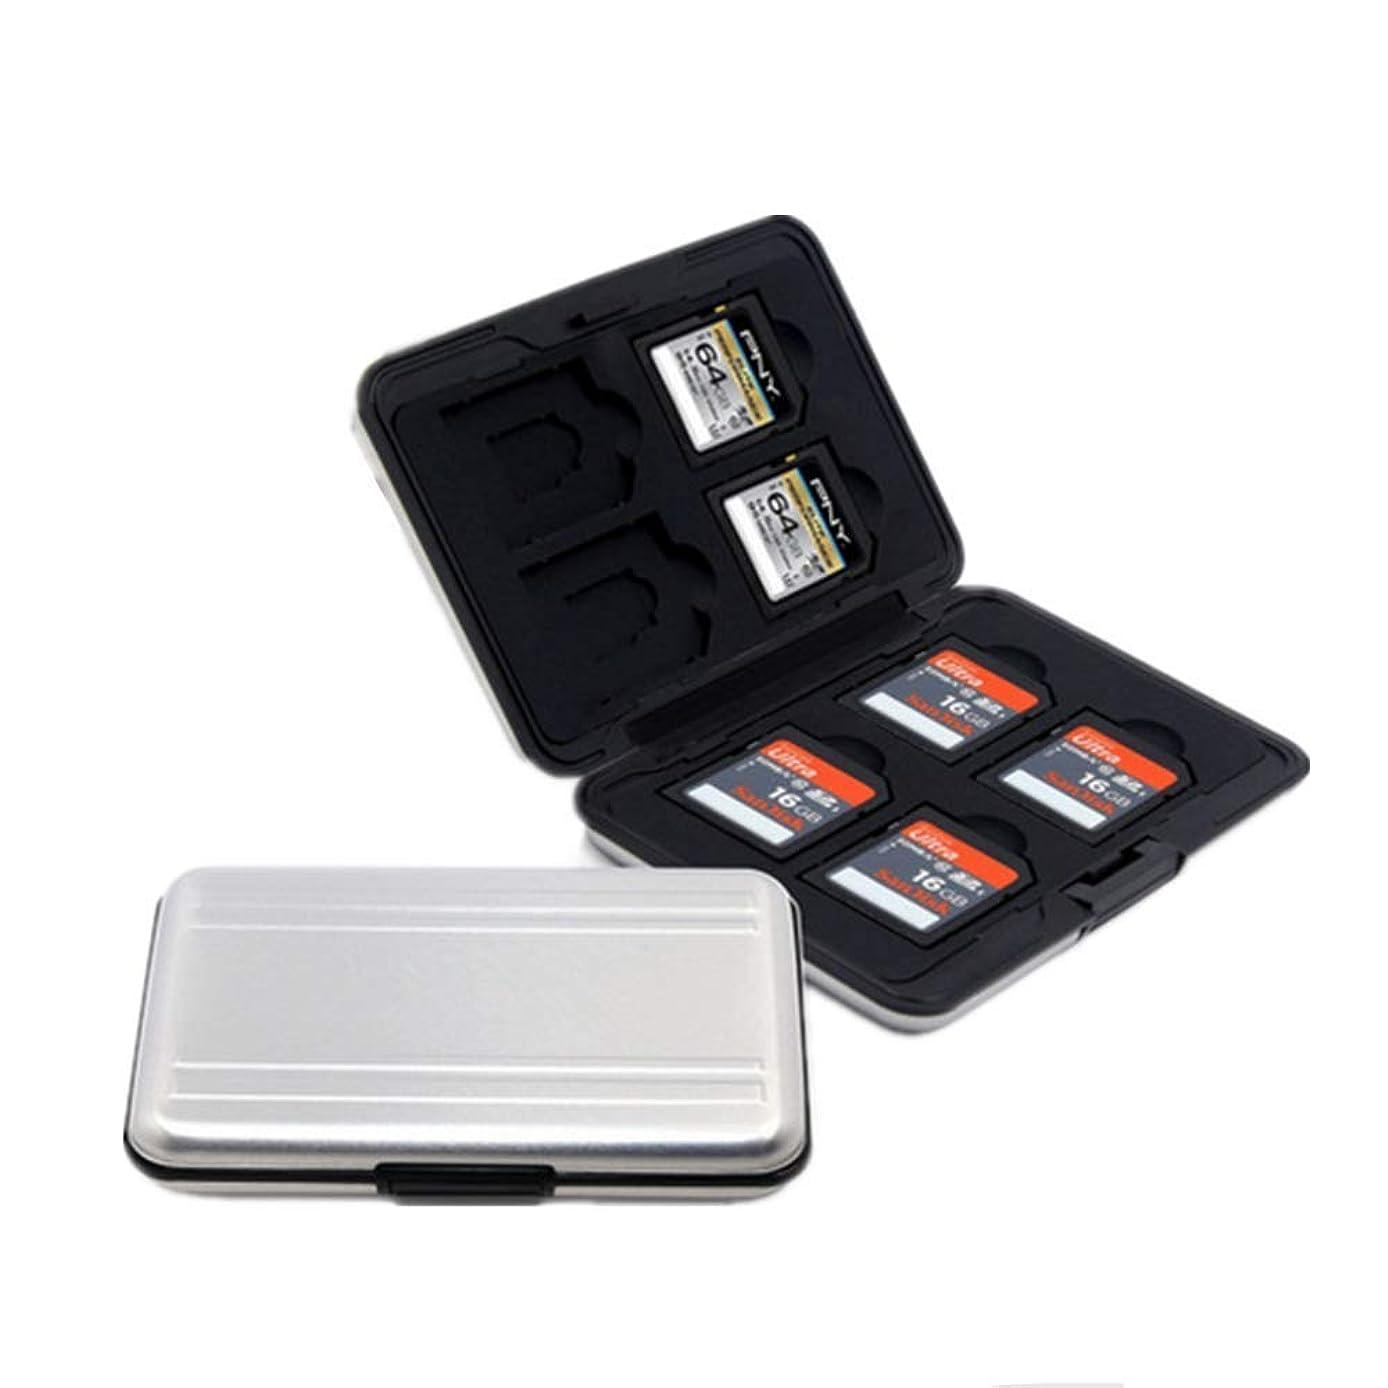 ファウル期待して禁止マイクロ SDカード 収納 16枚 ブラック アルミ メモリー カードケース 両面 収納 タイプ SDカード収納ケース 防塵 防水 防震 (SDカード収納)